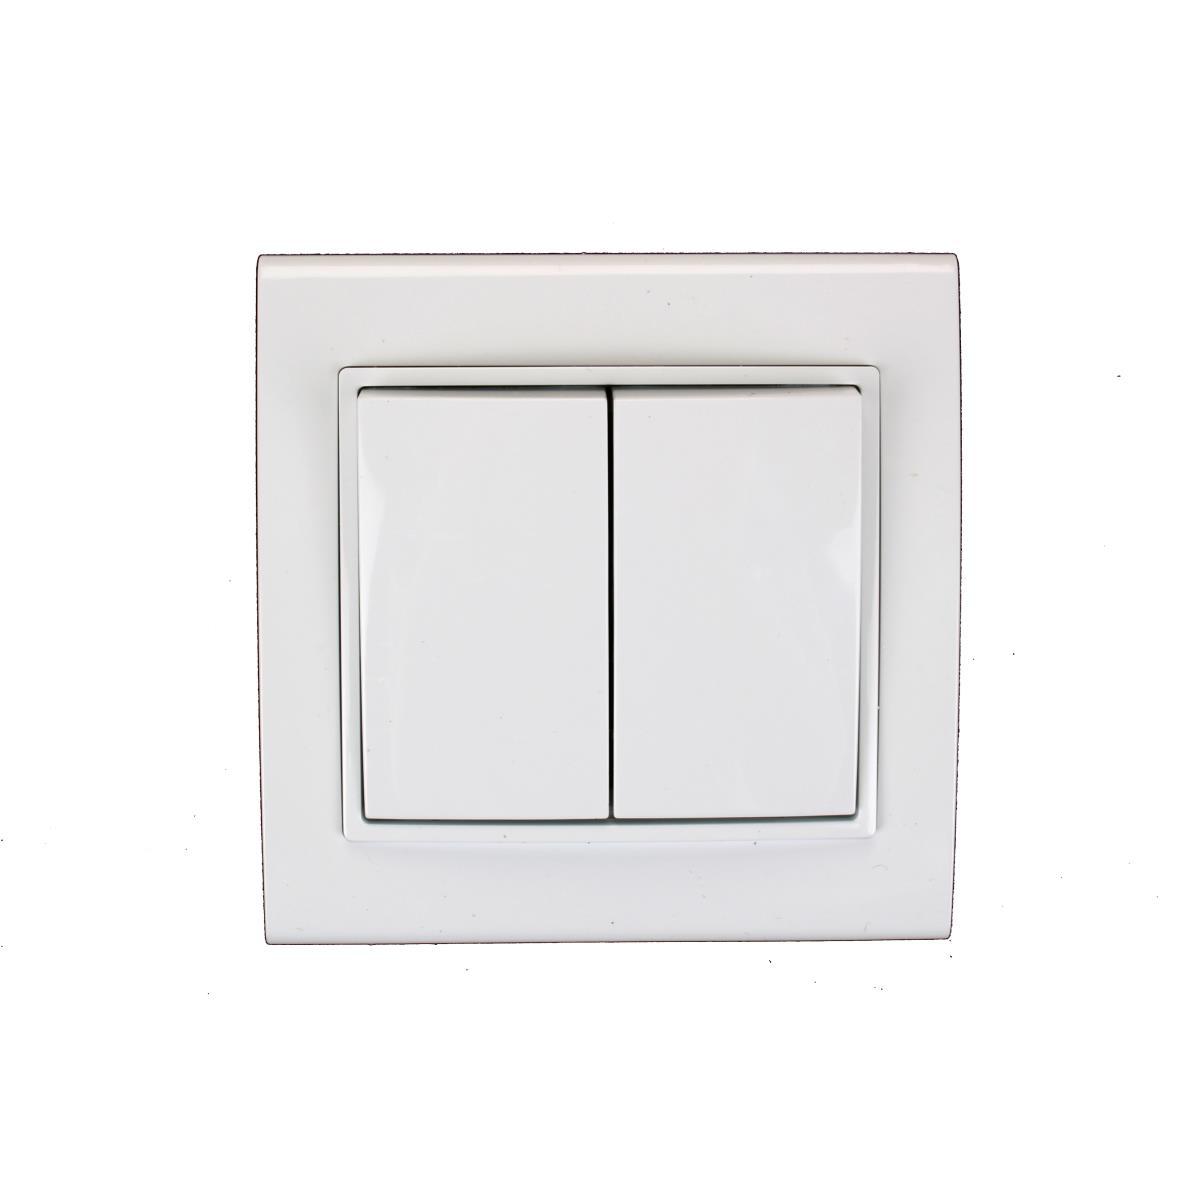 Unterputz Doppel Zweifach Lichtschalter weiß 10 A, 230 V,OKKO,9209-02, 4772013048503